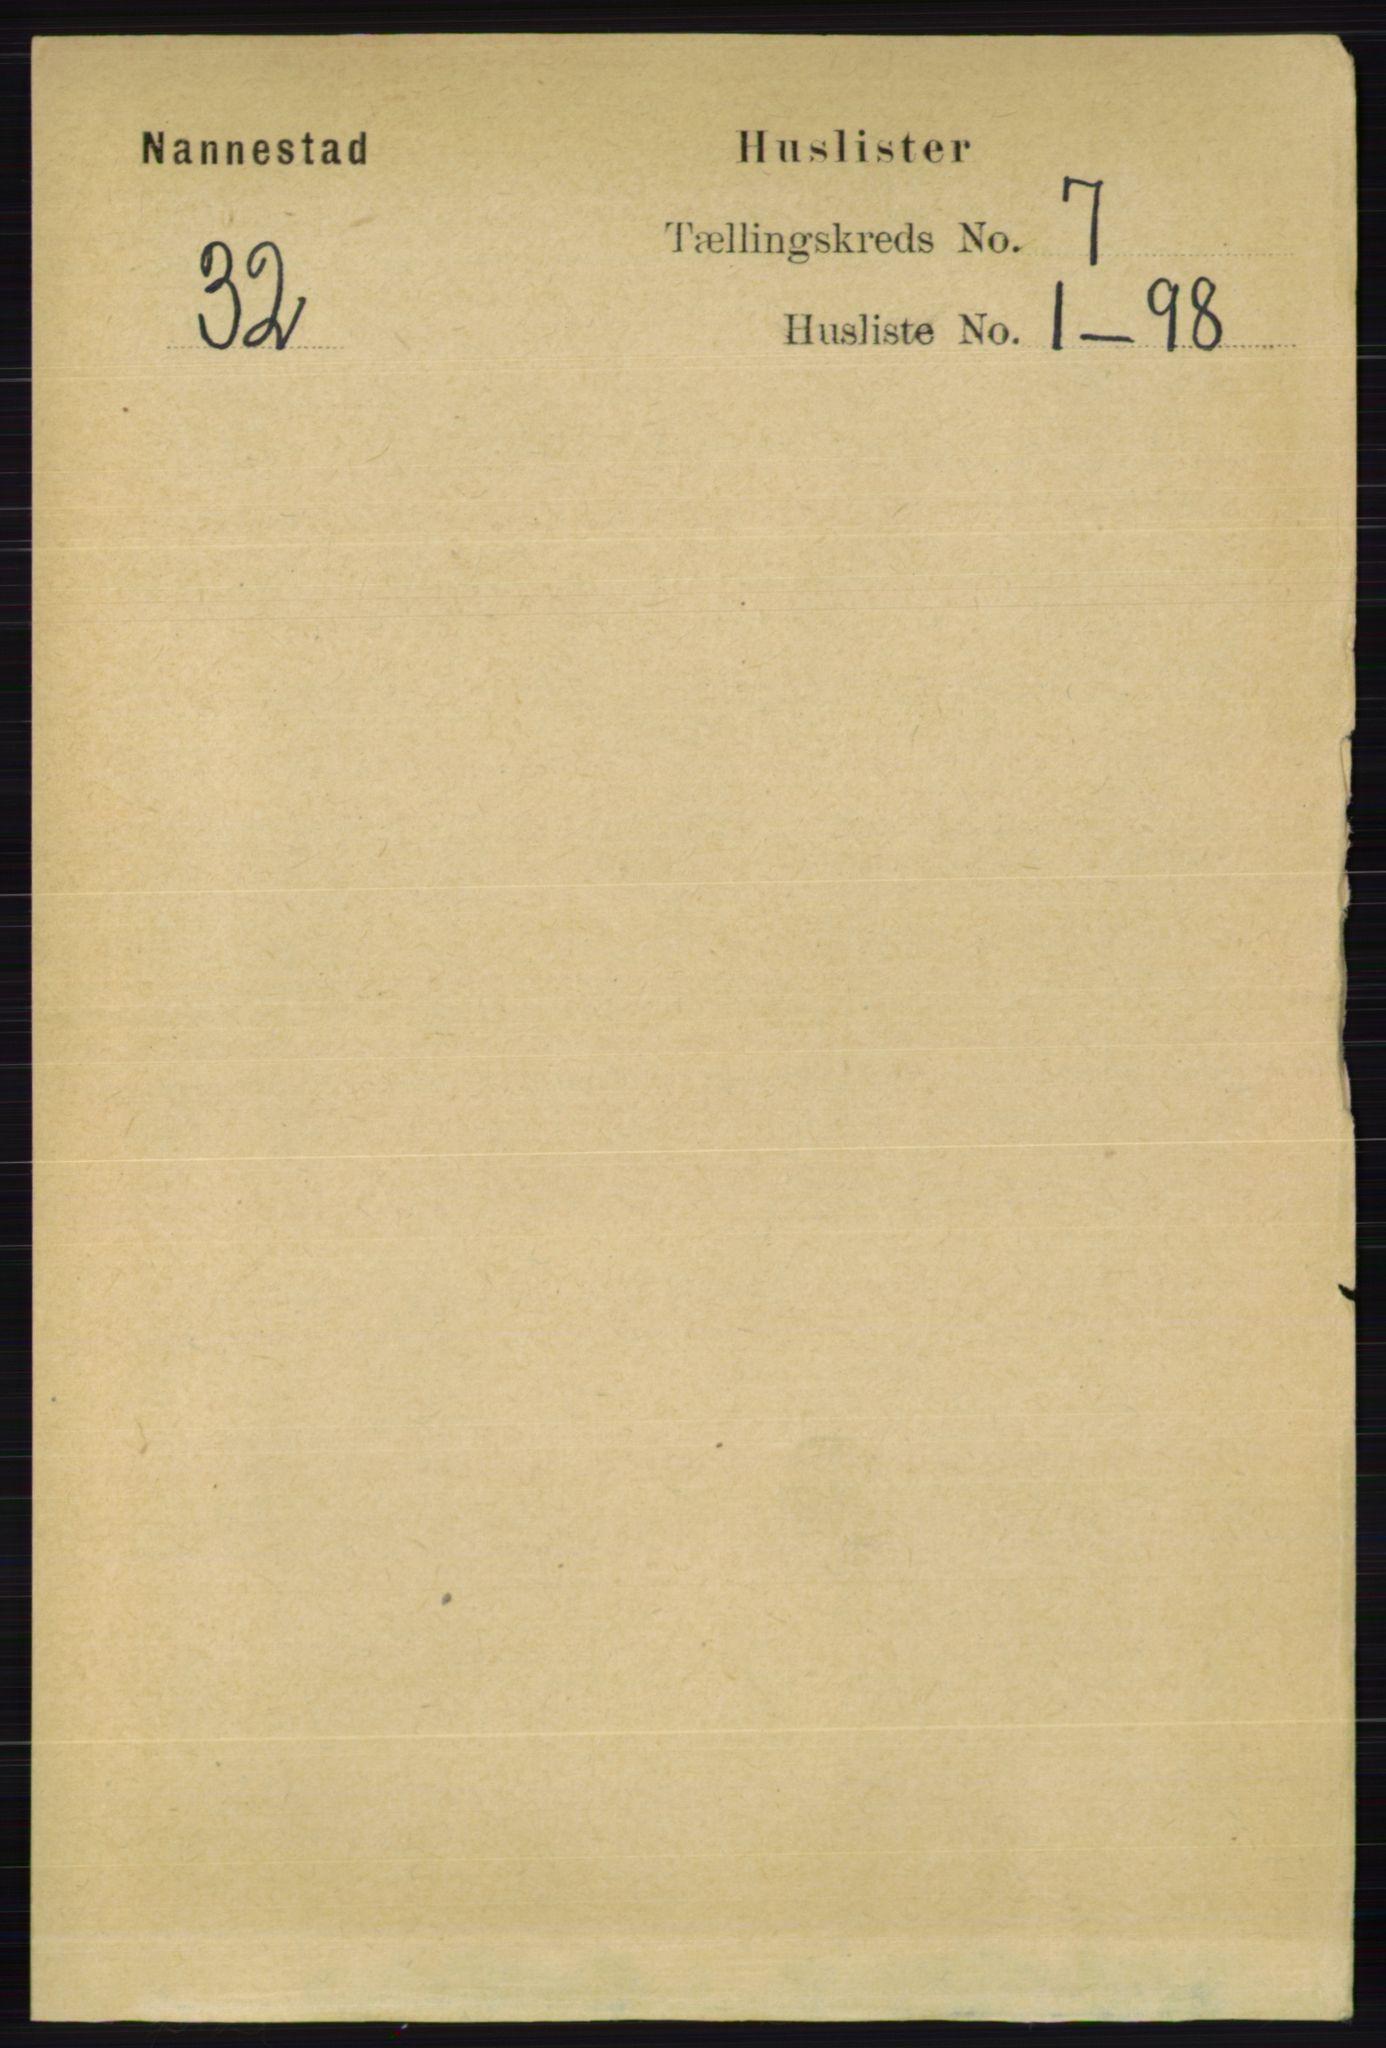 RA, Folketelling 1891 for 0238 Nannestad herred, 1891, s. 3640